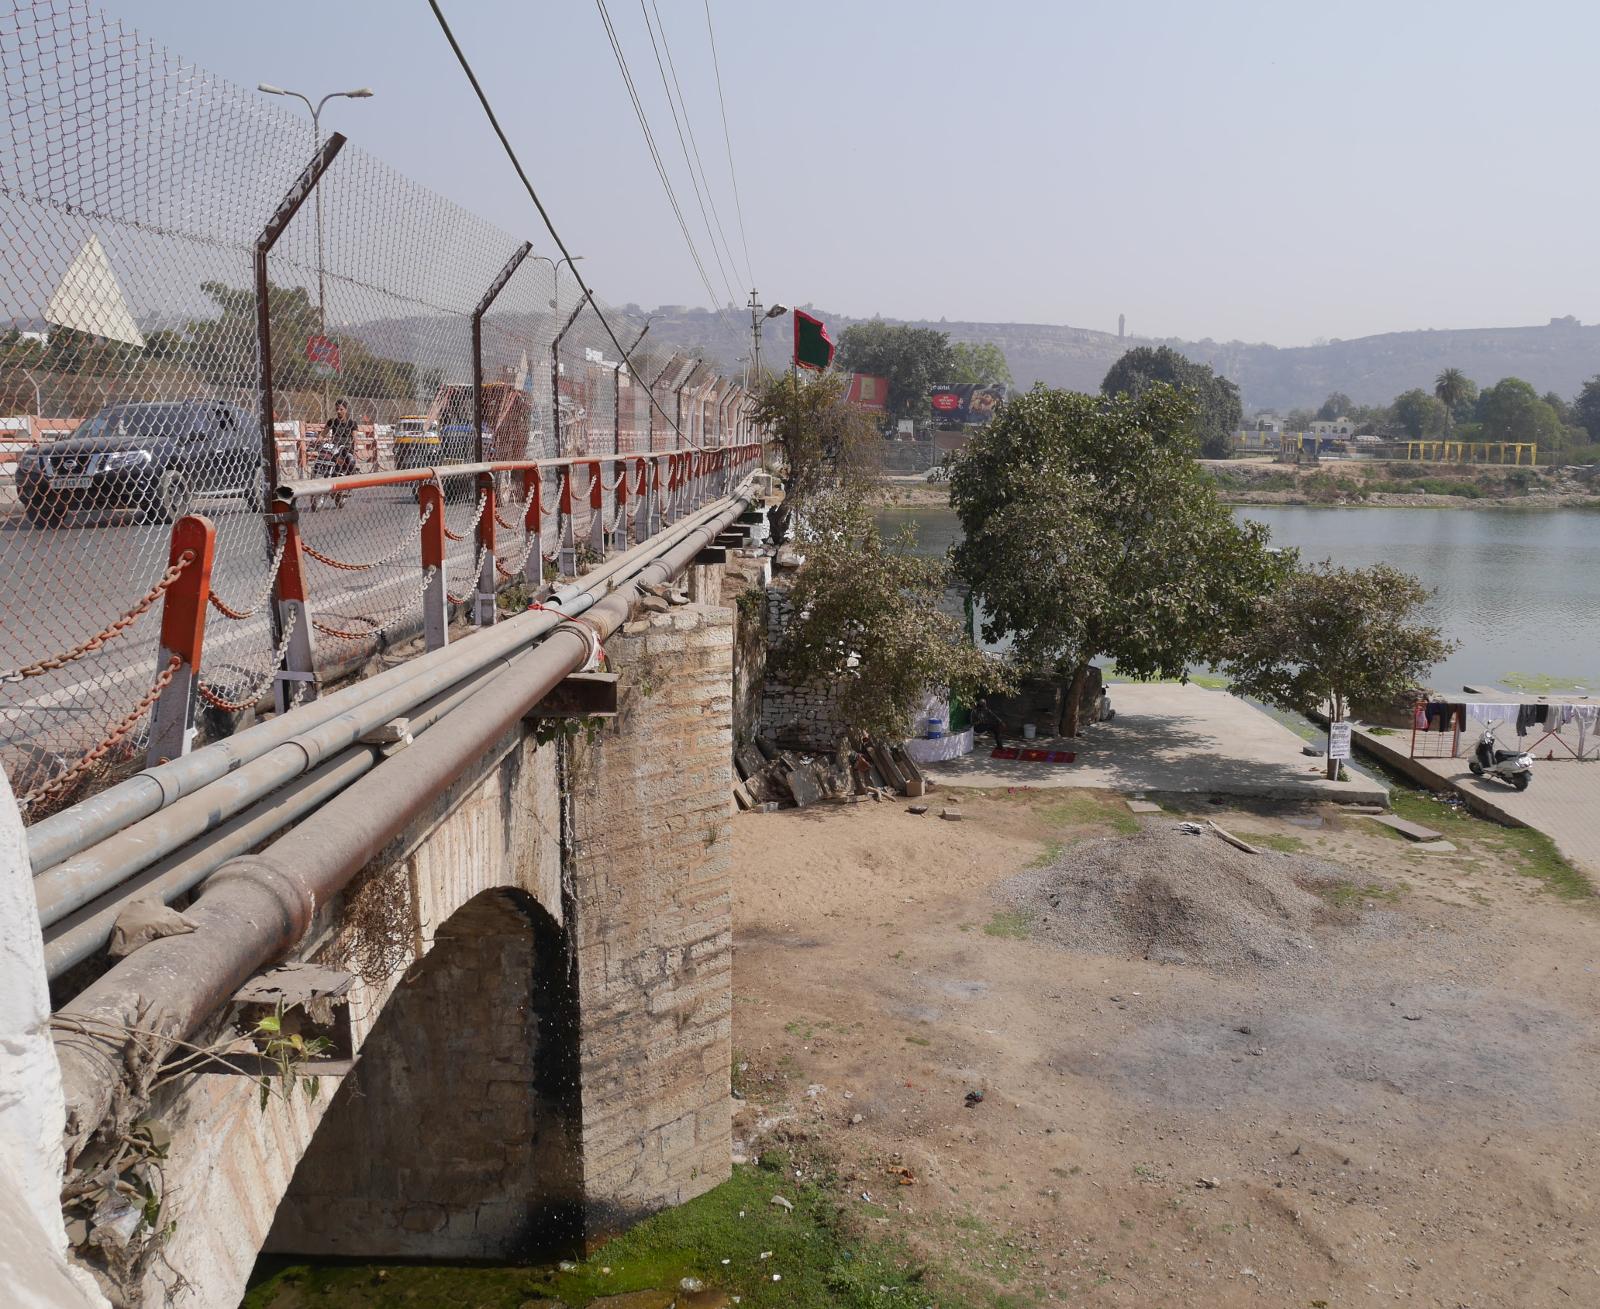 View of the Gambhiri bridge from the western bank.